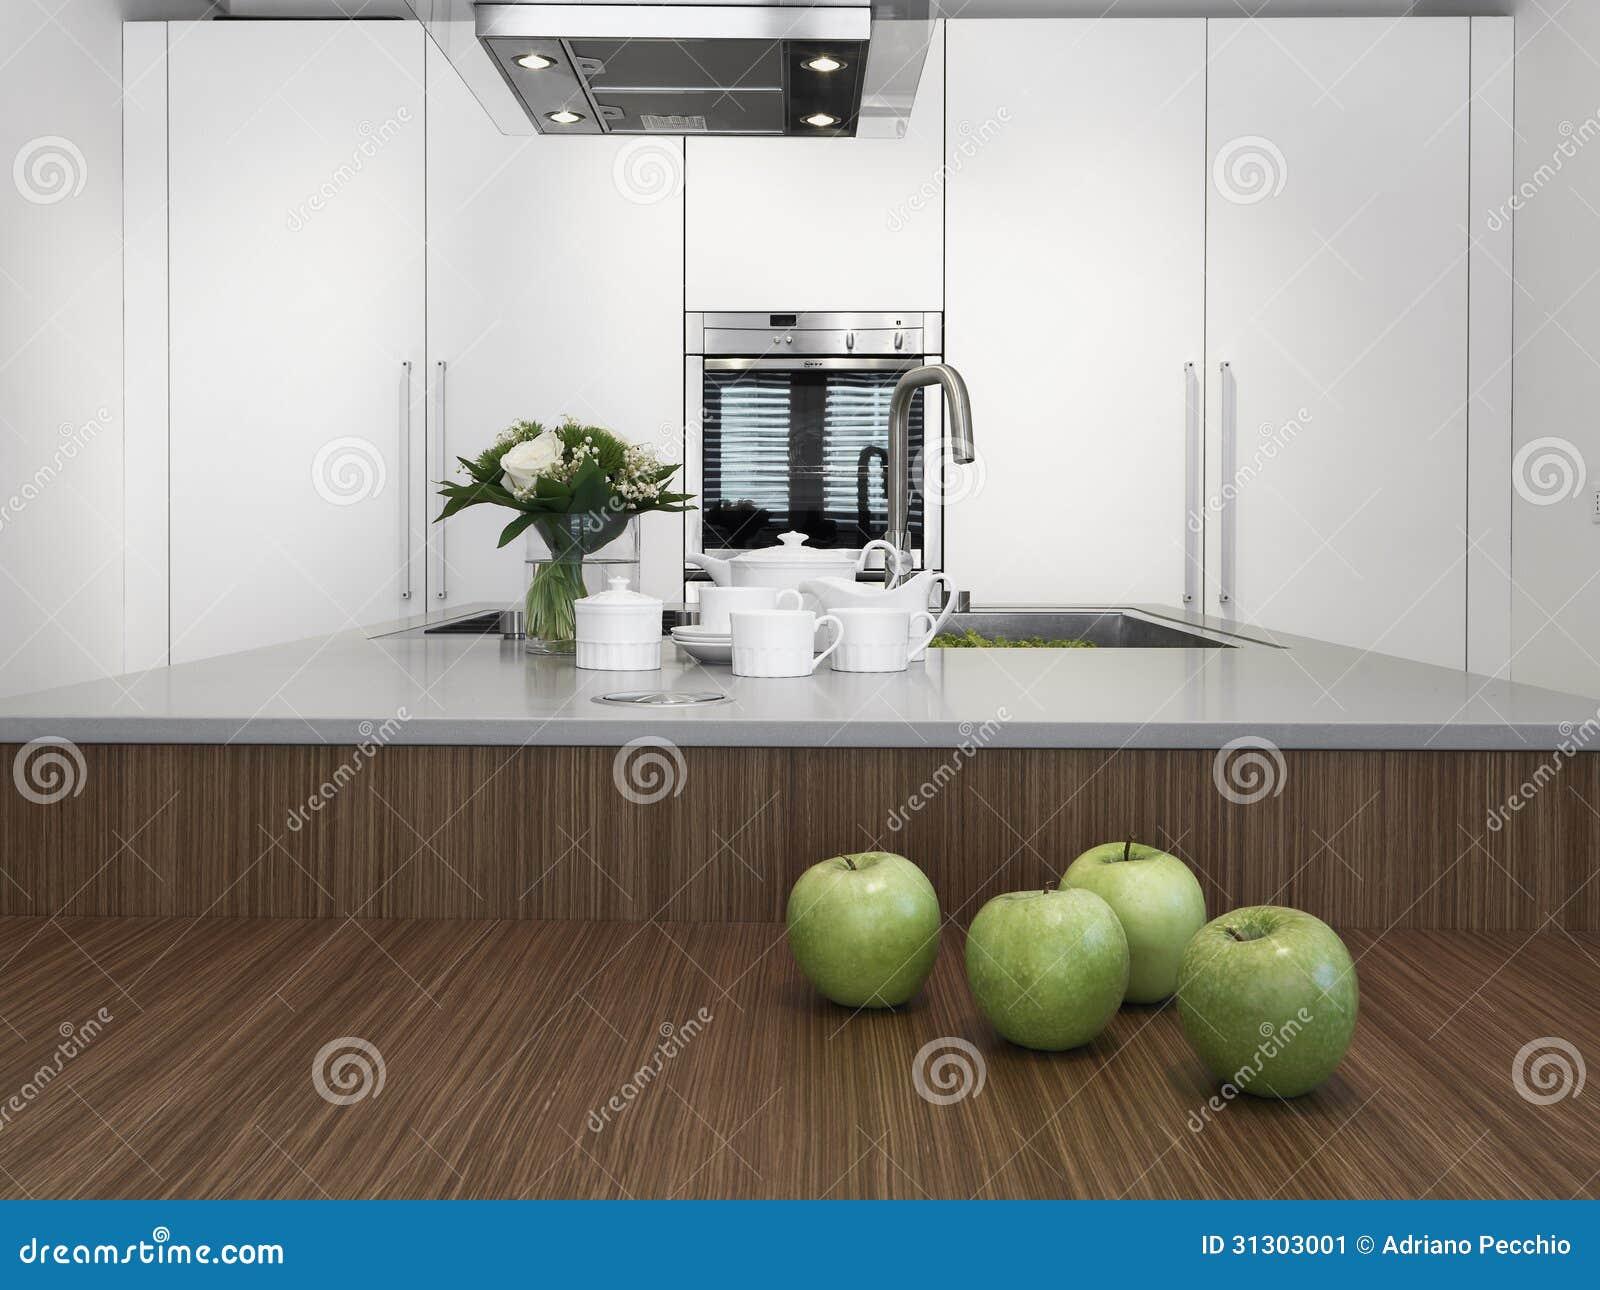 Piatti sul piano di lavoro in una cucina moderna immagine for Piano lavoro cucina